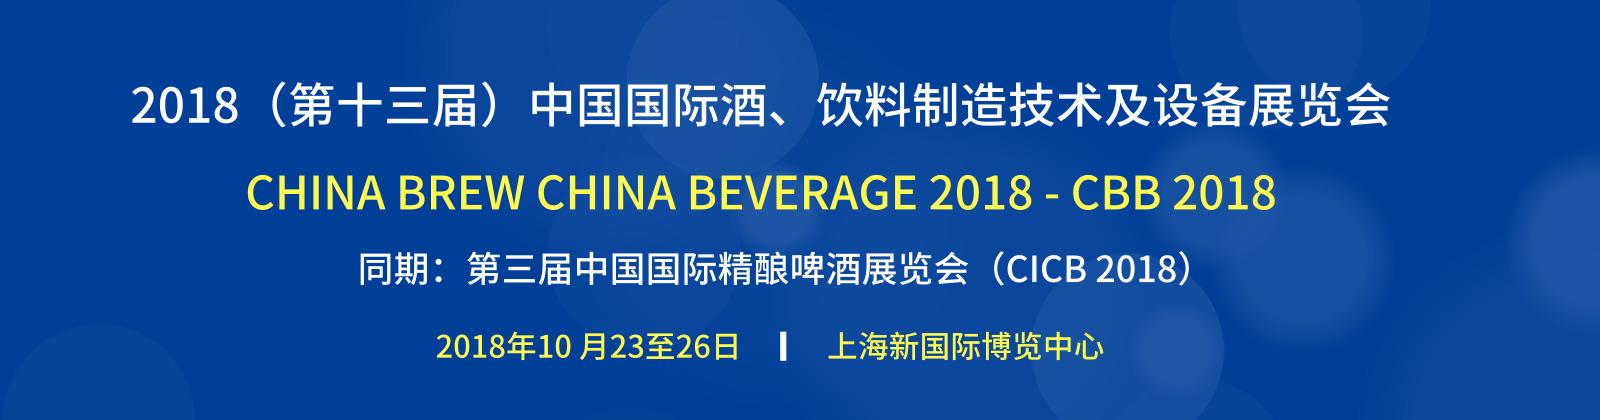 2018(第十三屆)中國國際酒、飲料制造技術及設備展覽會